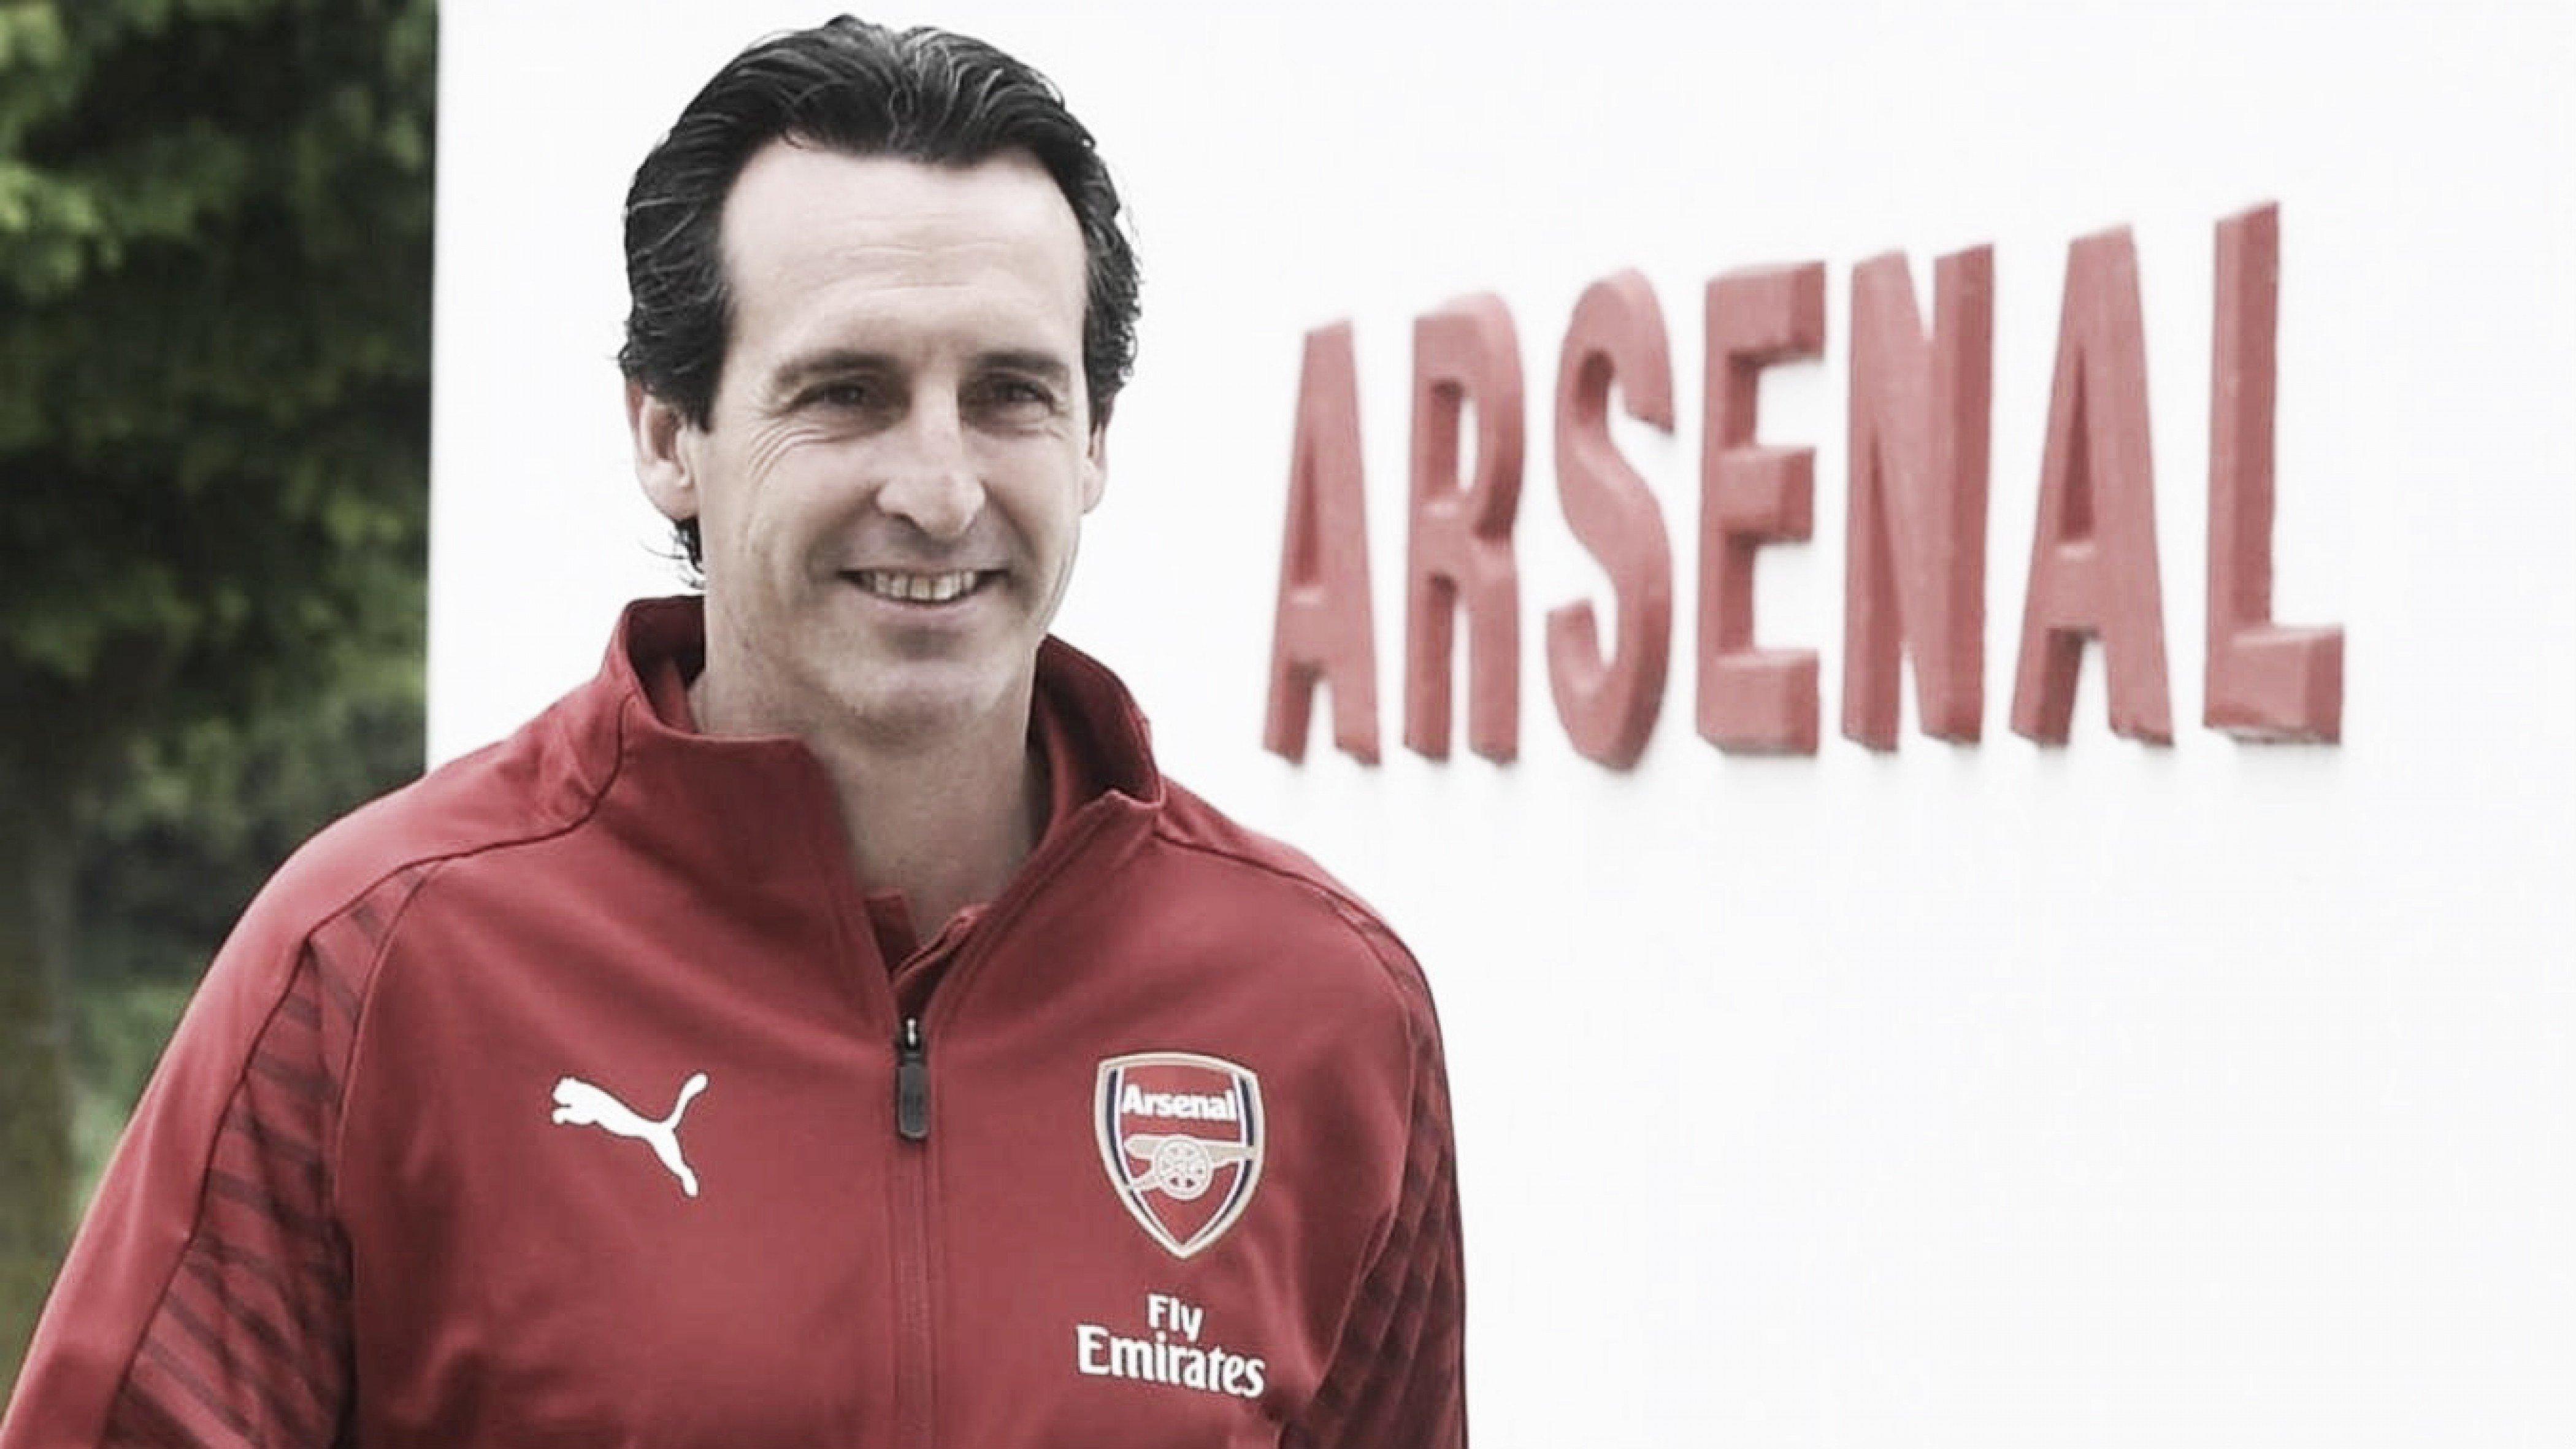 Análisis táctico: ¿cómo funciona el Arsenal de Unai Emery?